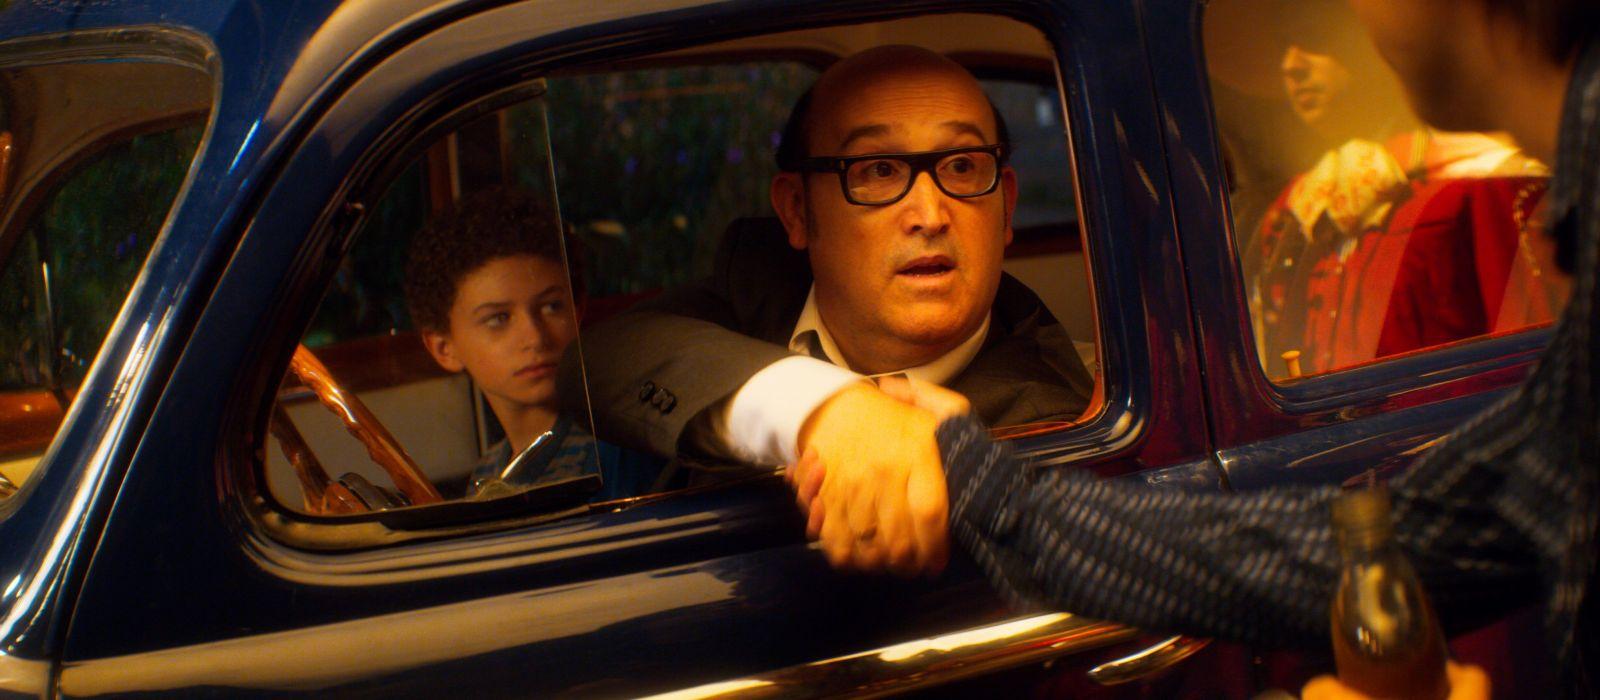 El olvido que seremos, dirigida por Fernando Trueba. BCN Film Fest 2021